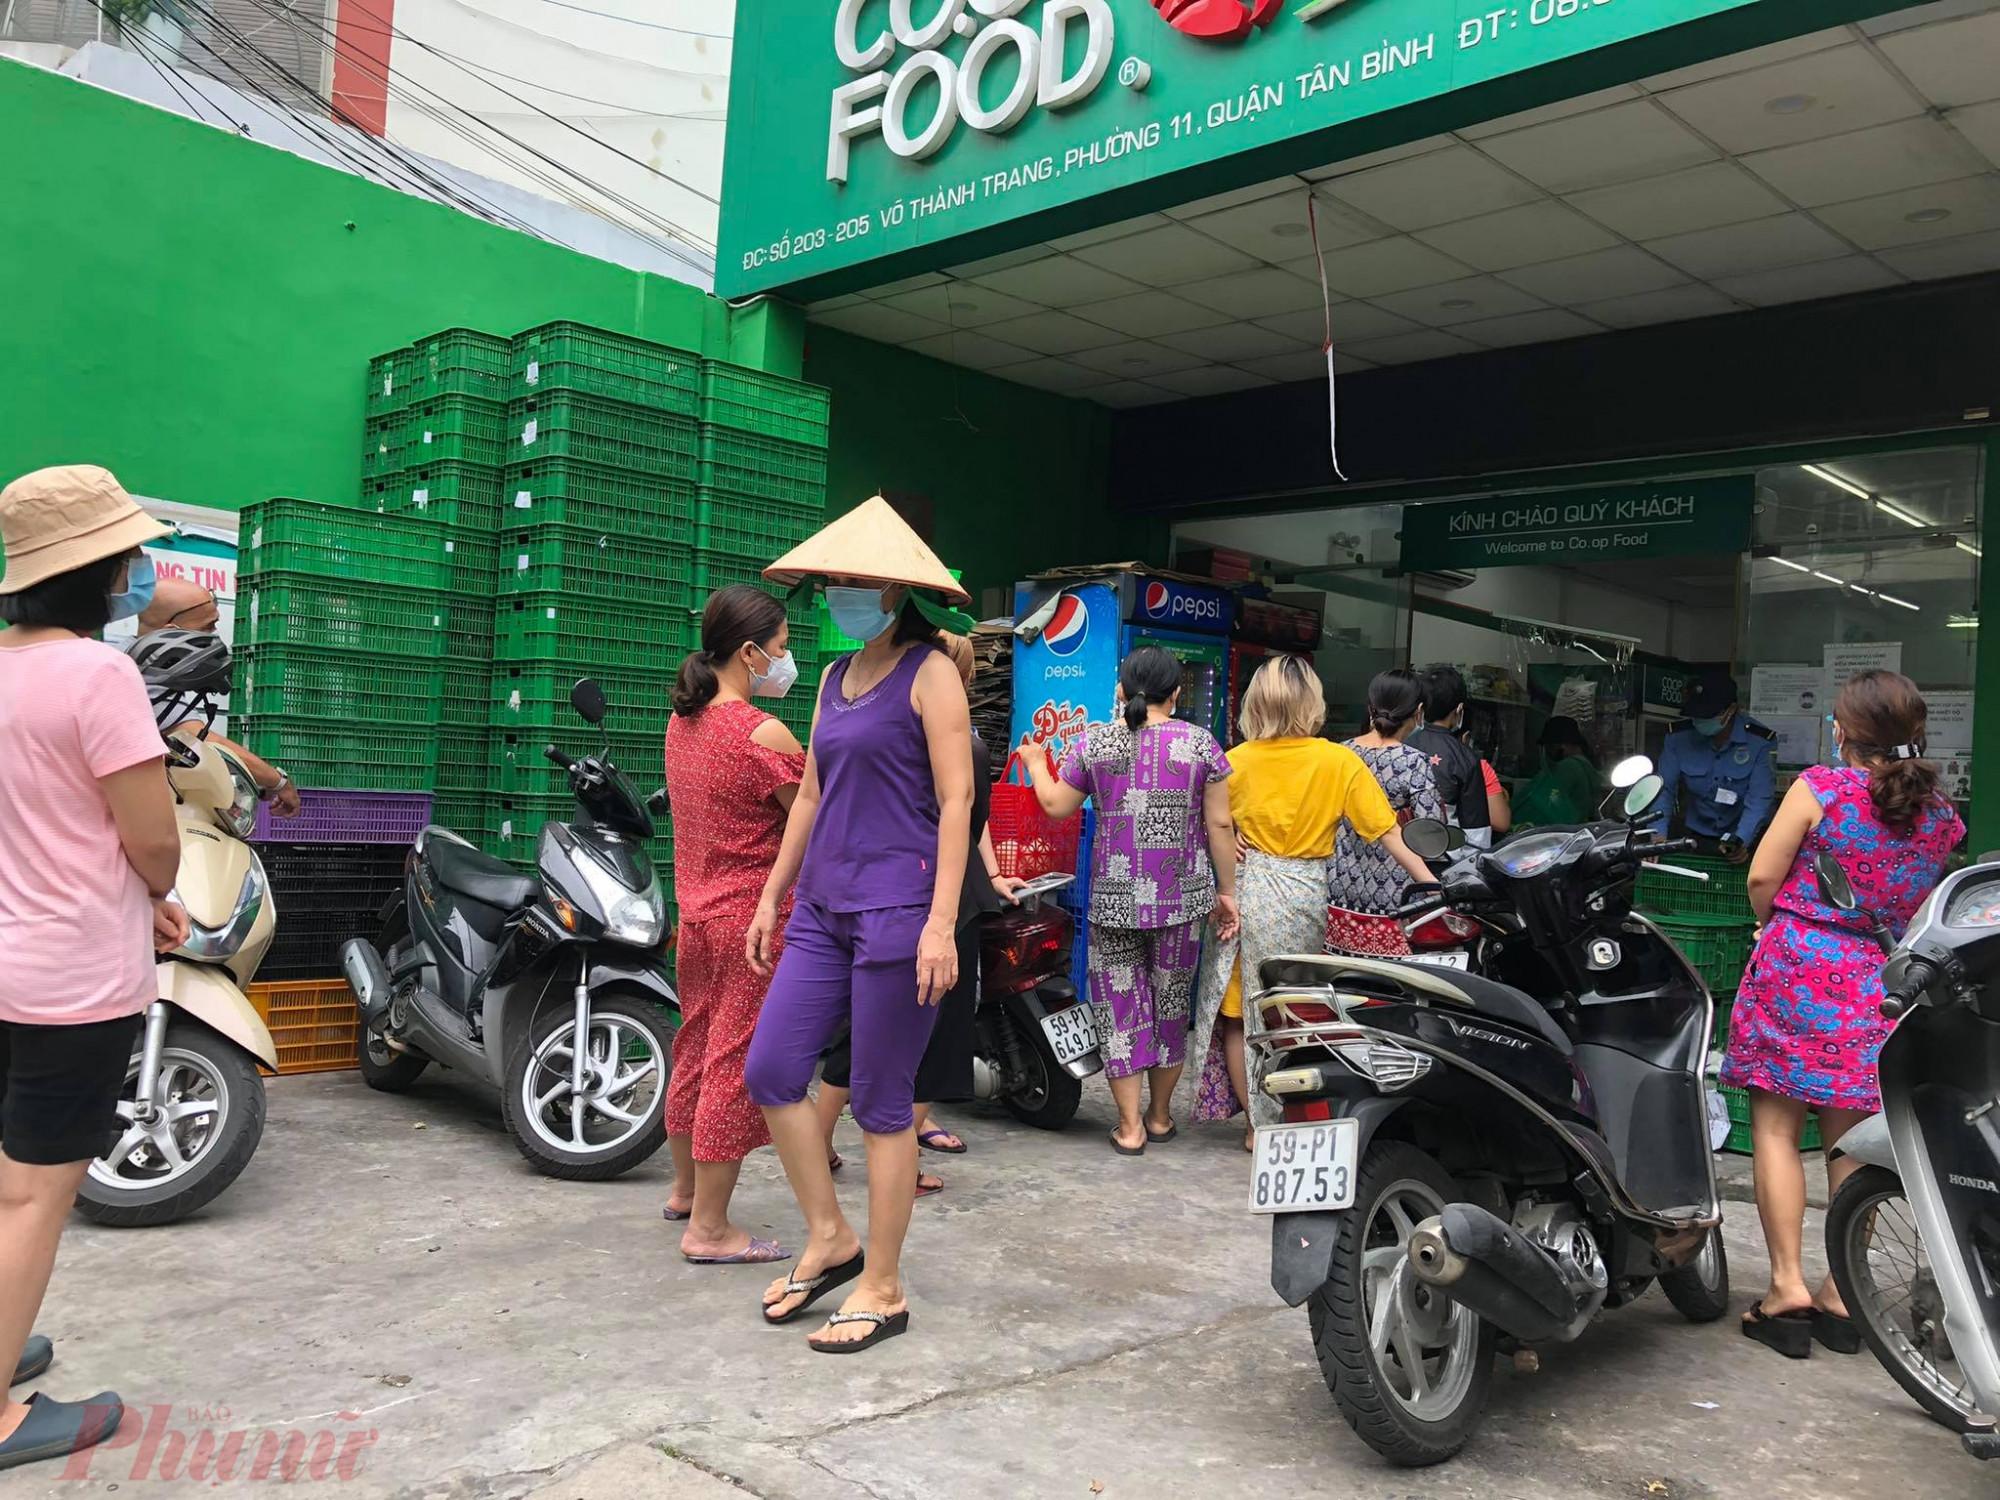 Tại co.op gôd khách xếp hàng đến lượt vào khá nhiều, người mua cho biết vẫn còn rau thịt.